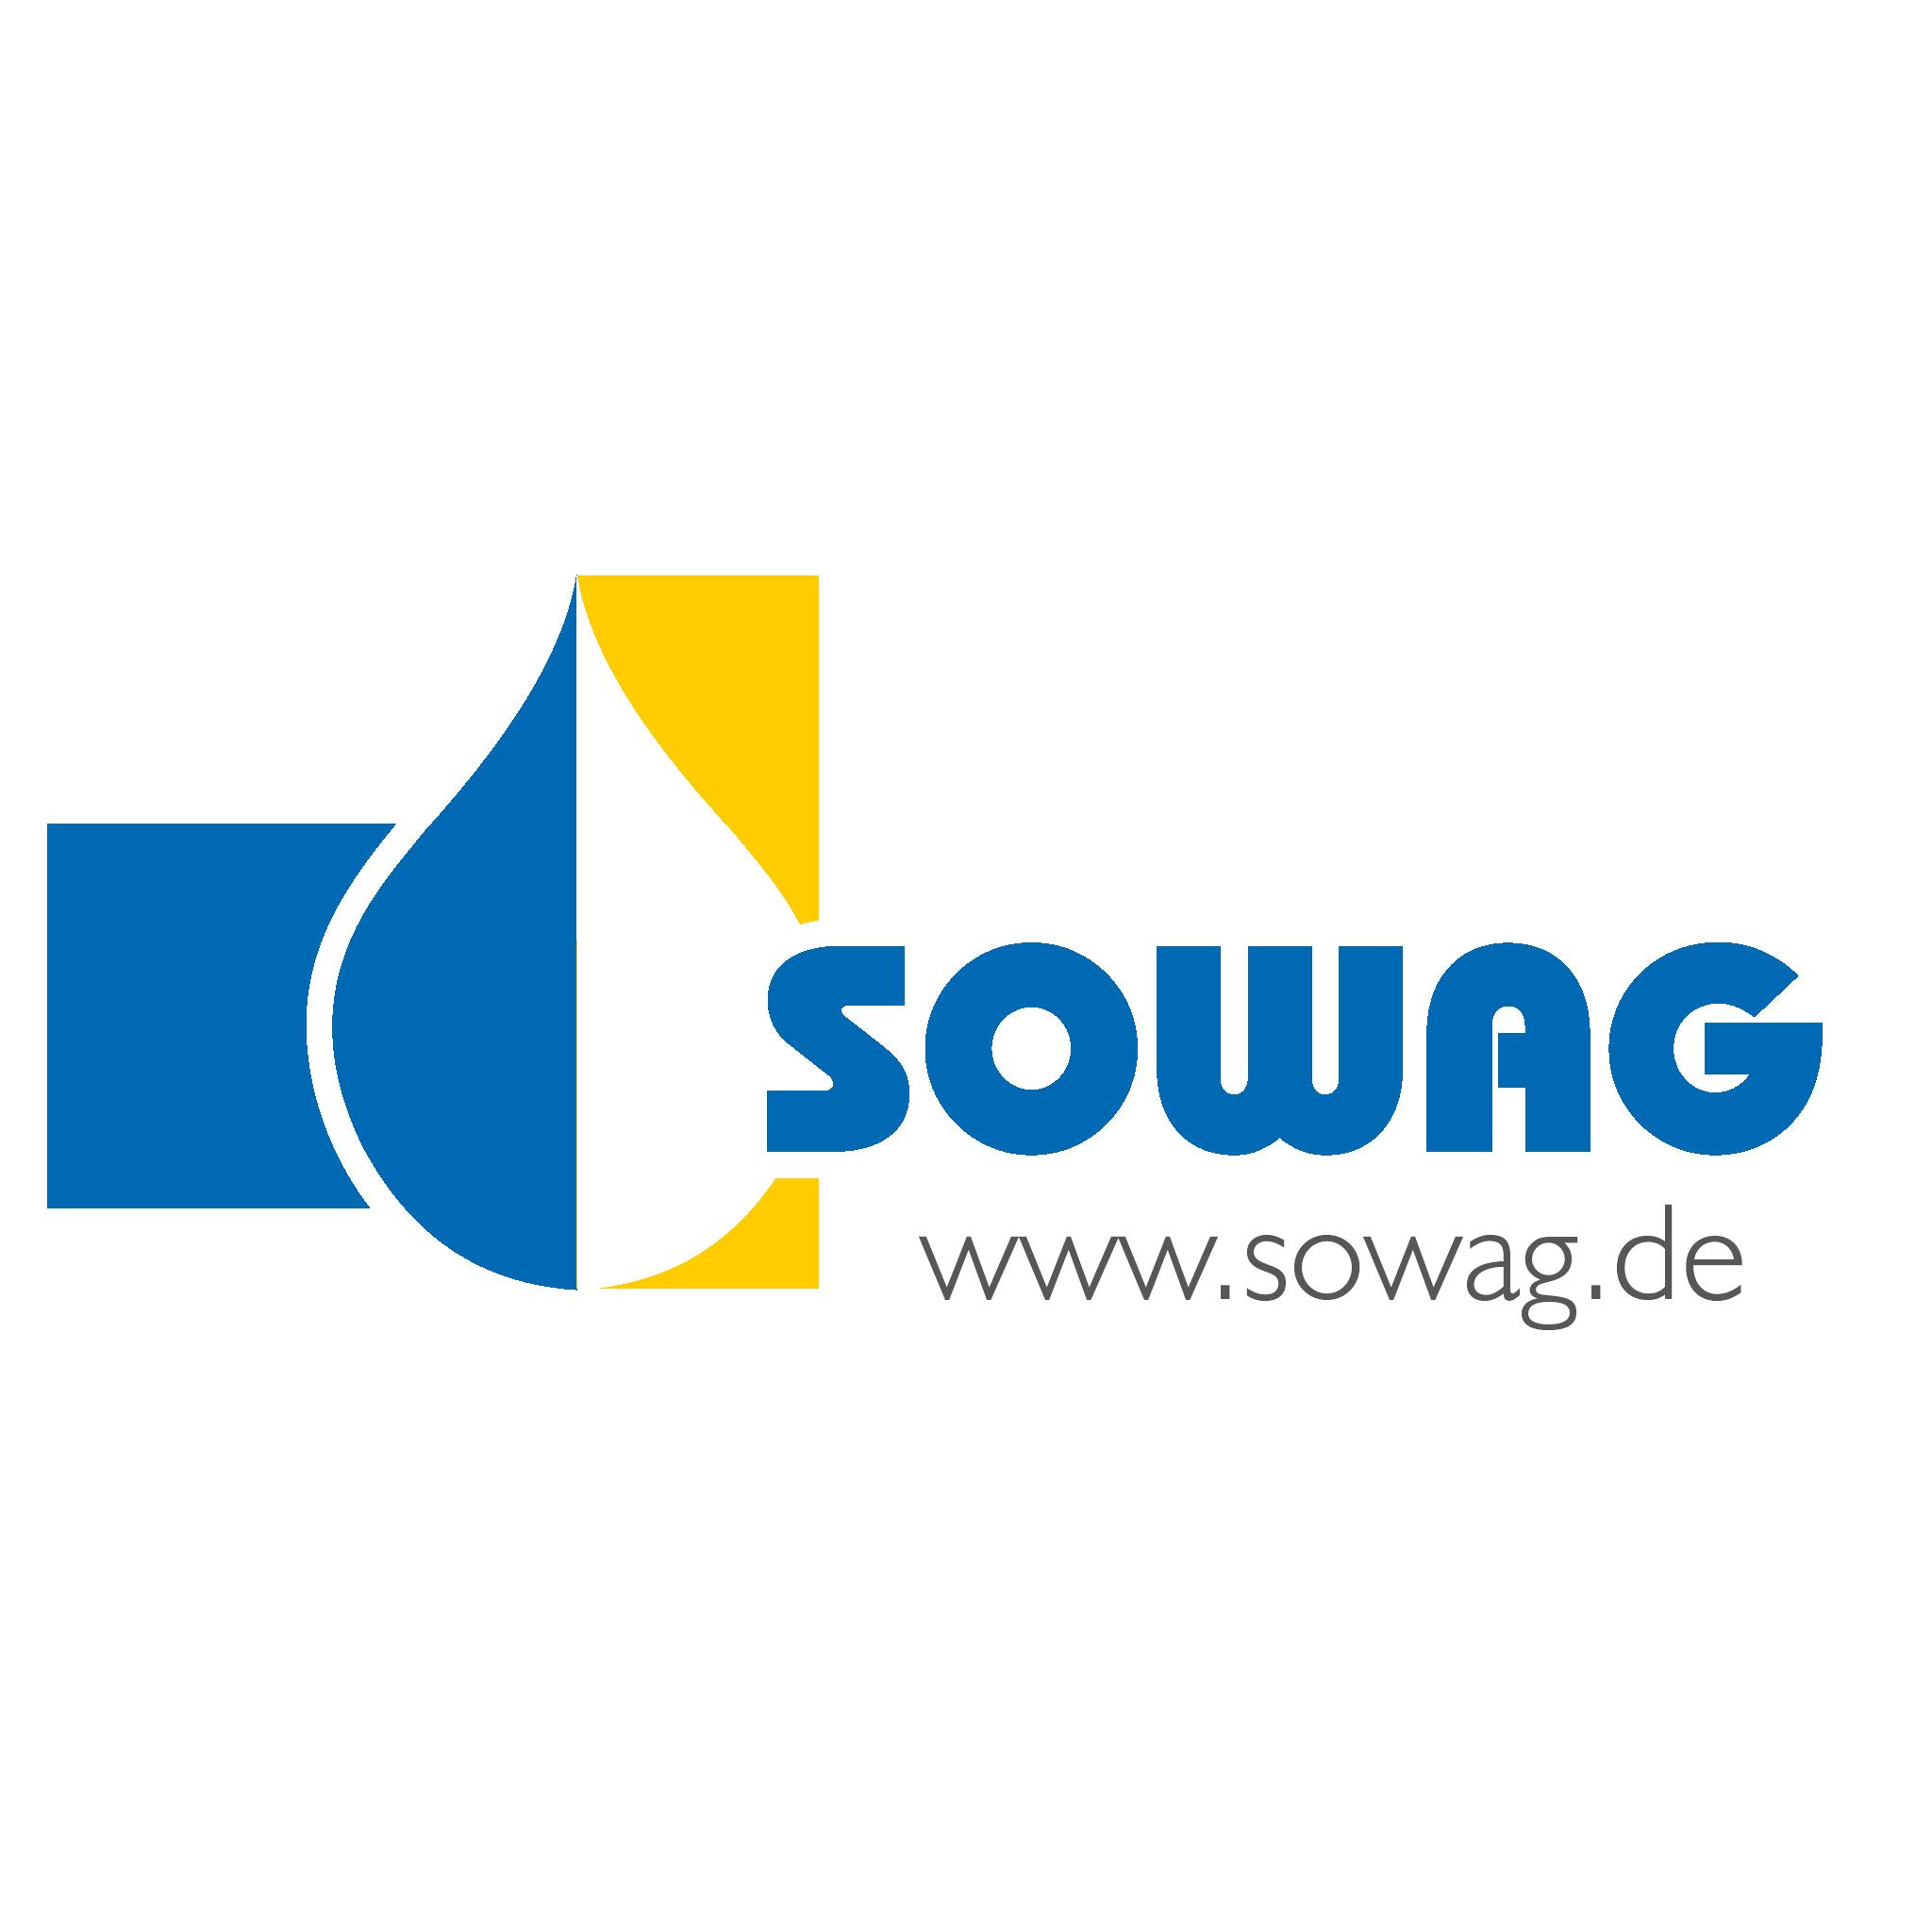 SOWAG